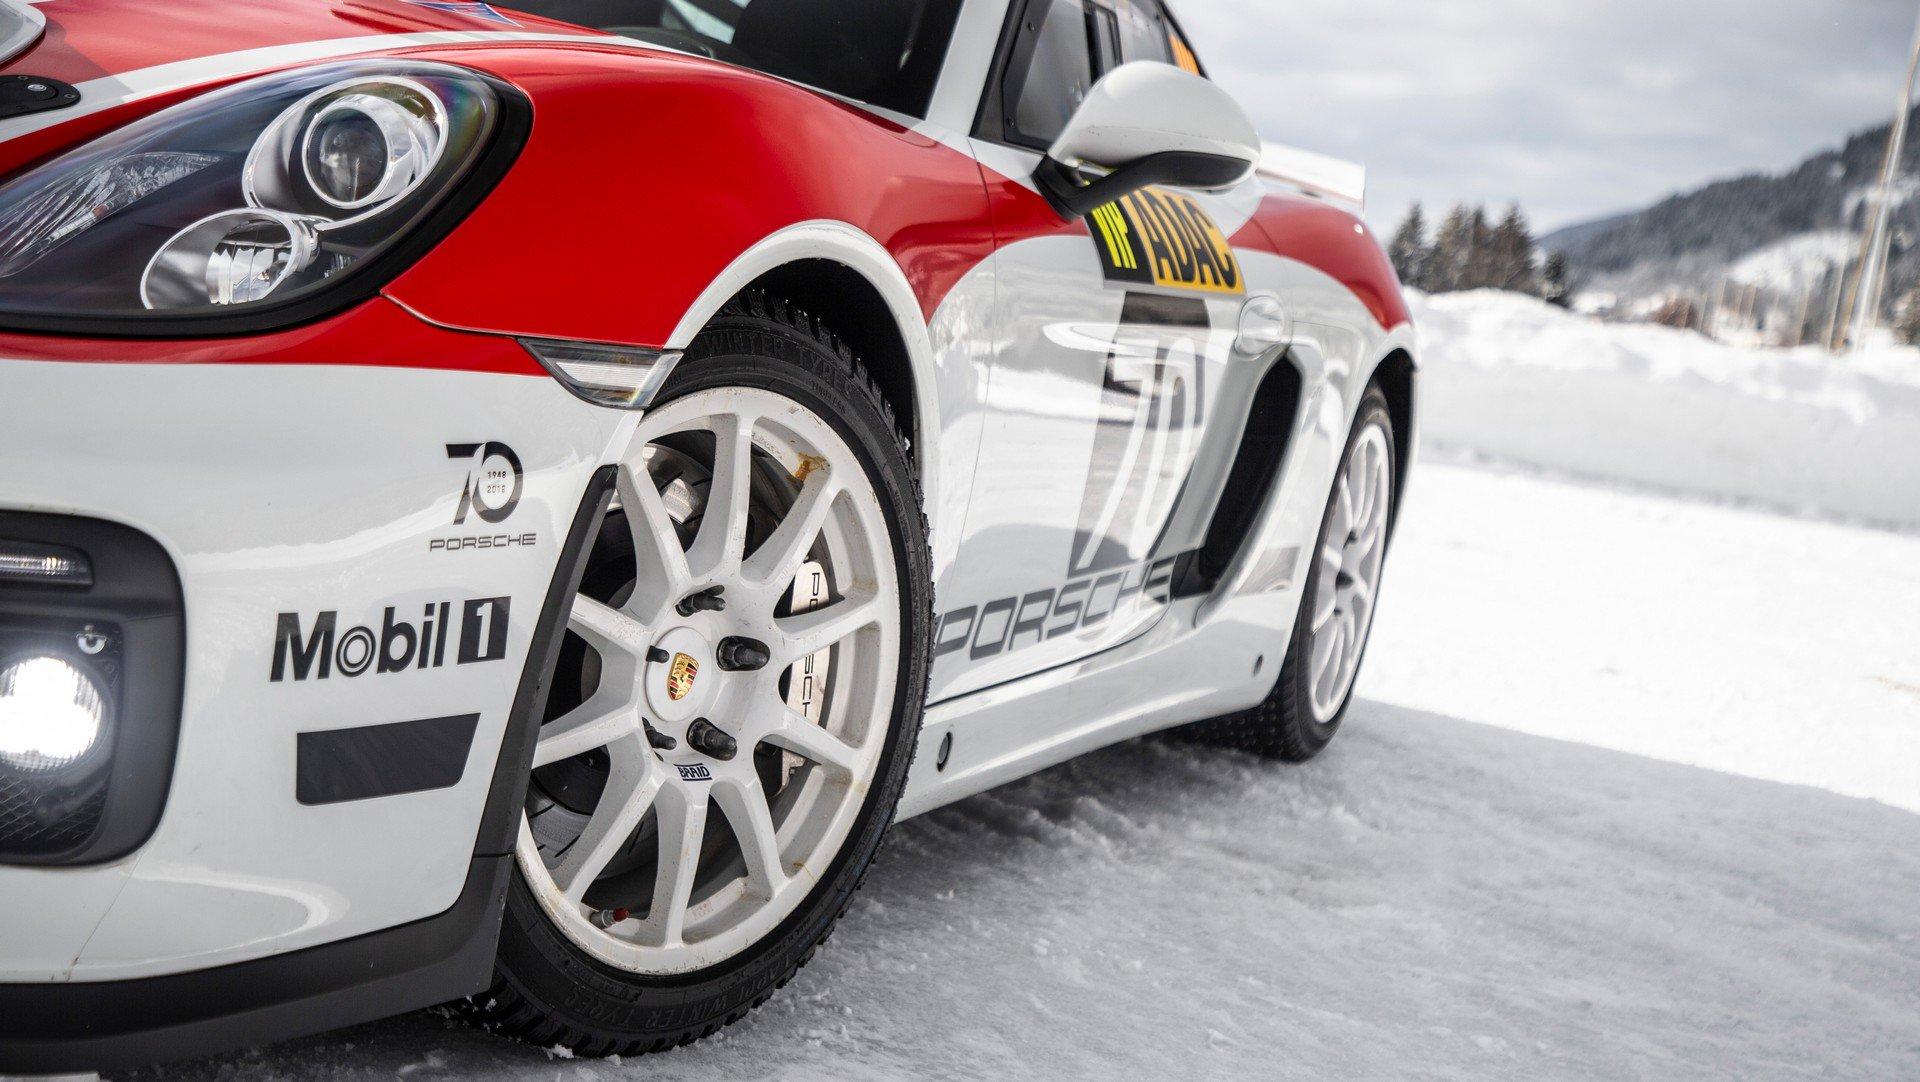 Porsche Cayman GT4 Rallye (6)